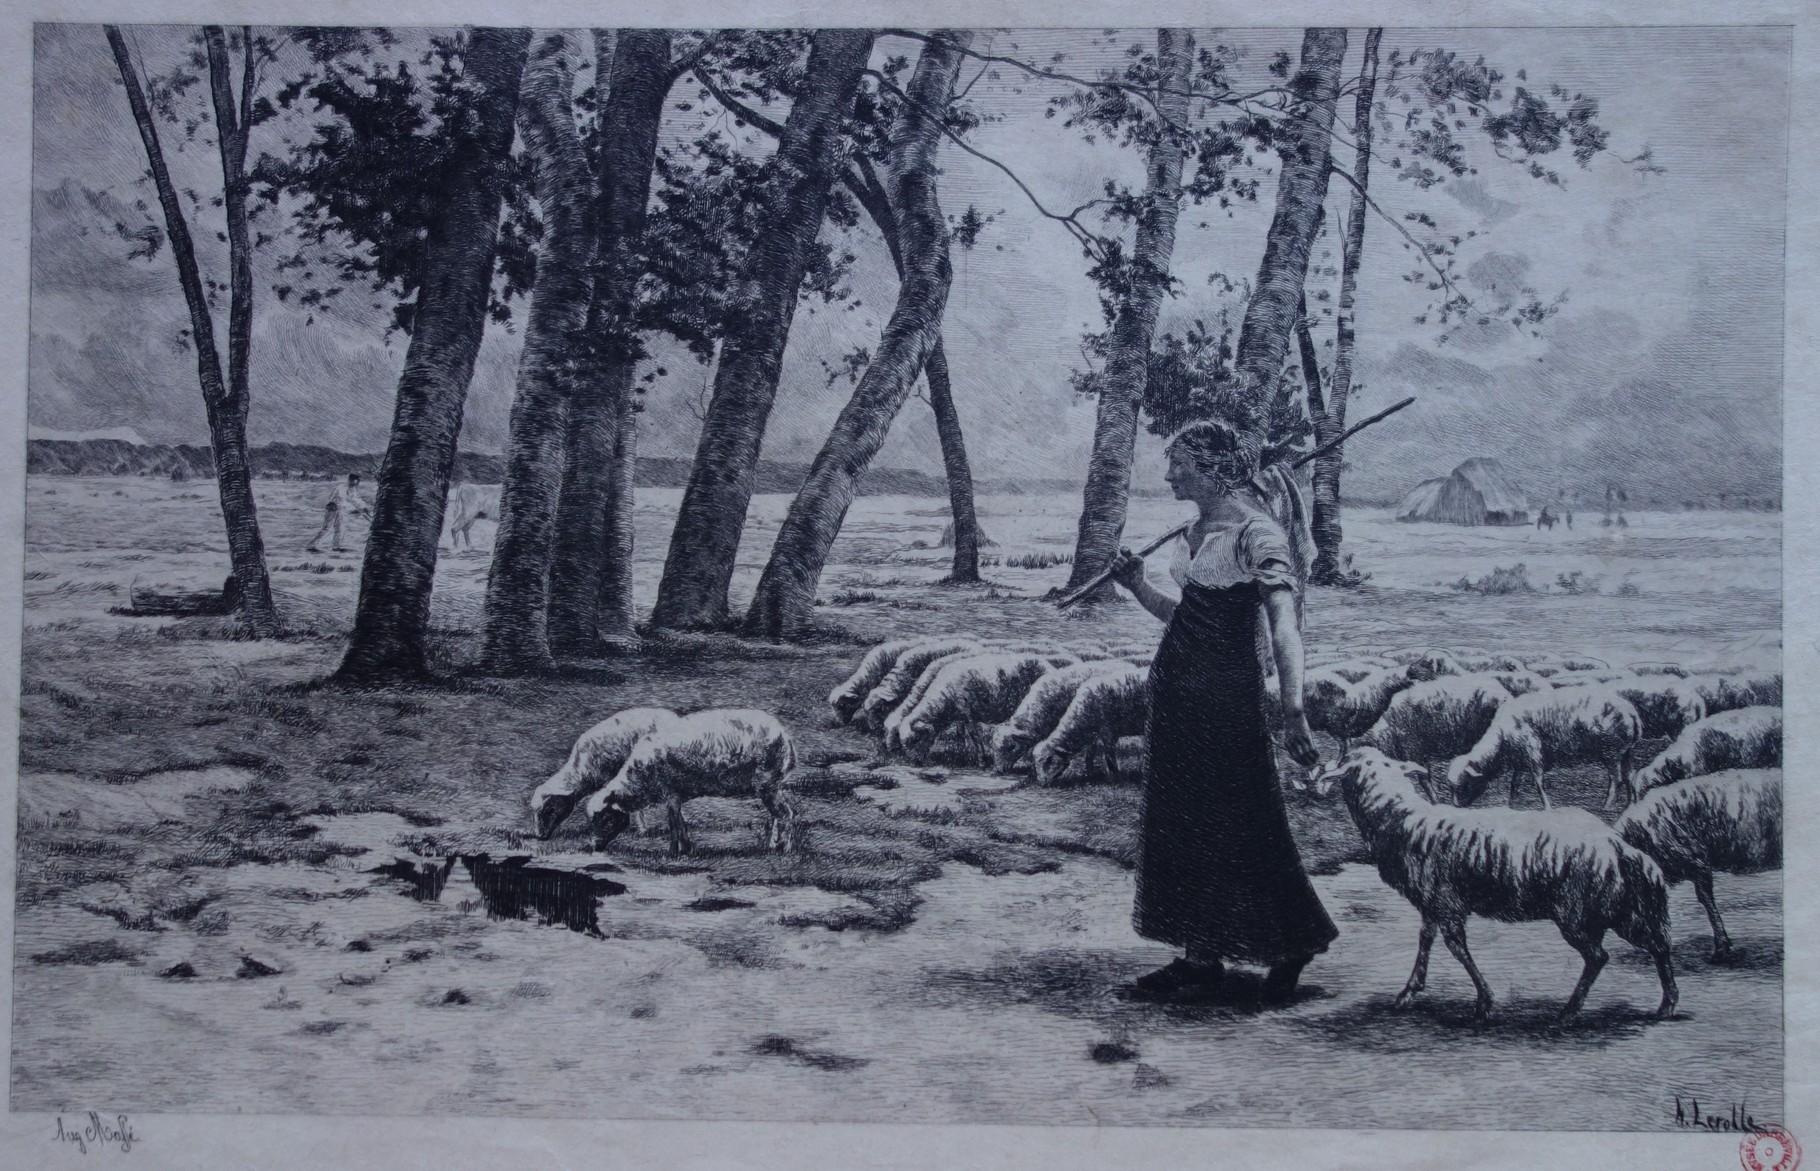 Augustin-Pierre MASSÉ D'après Henry LEROLLE Dans la campagne / Photo musée